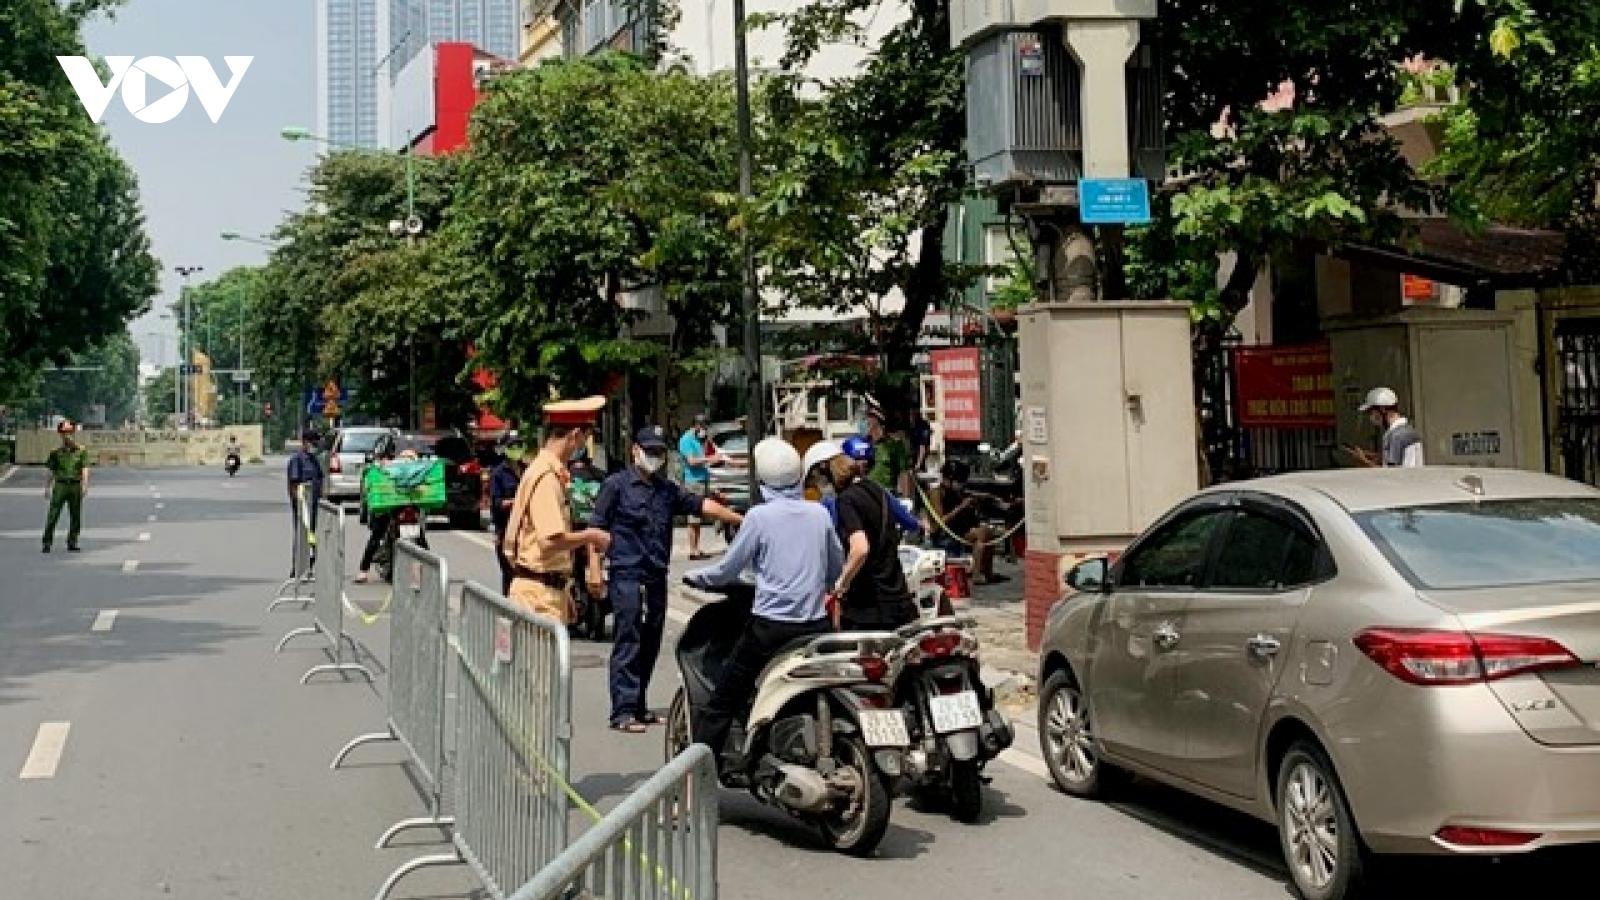 Công an Hà Nội xử phạt hơn 100 trường hợp ra đường không chính đáng